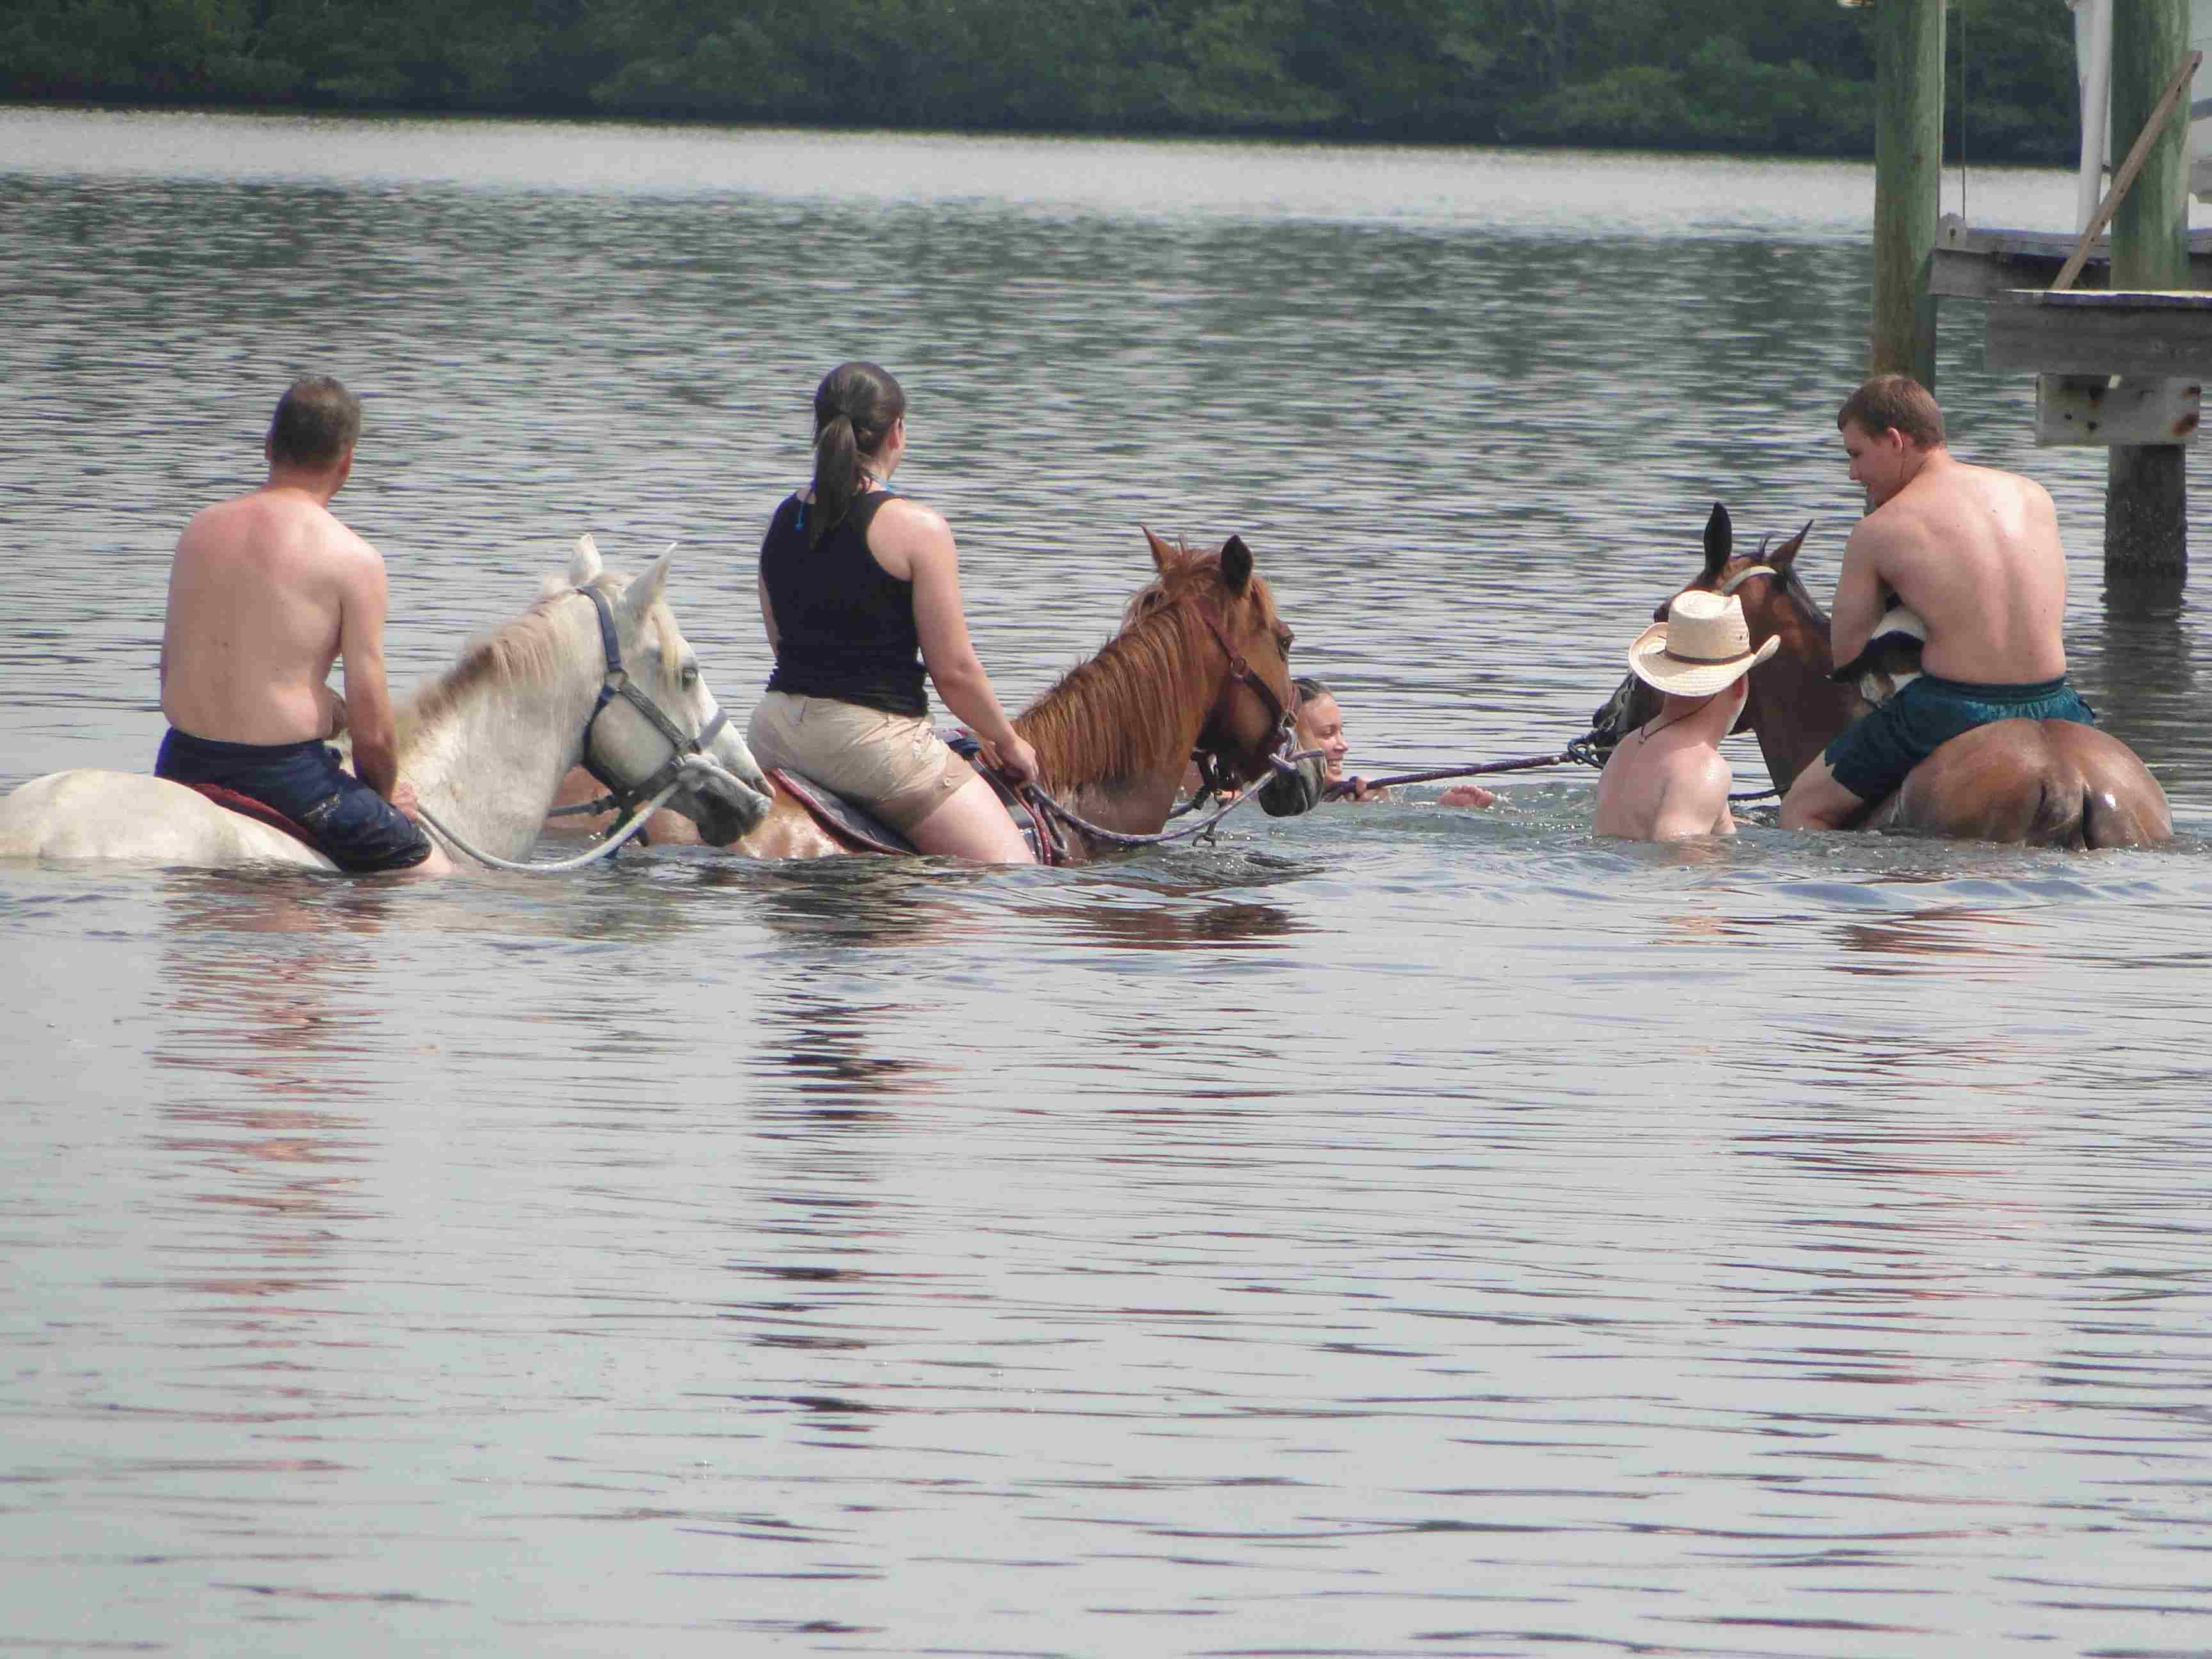 Auf dem Pferd geht es ins Wasser: Mutige versuchen zu surfen. Foto: Bradenton Area